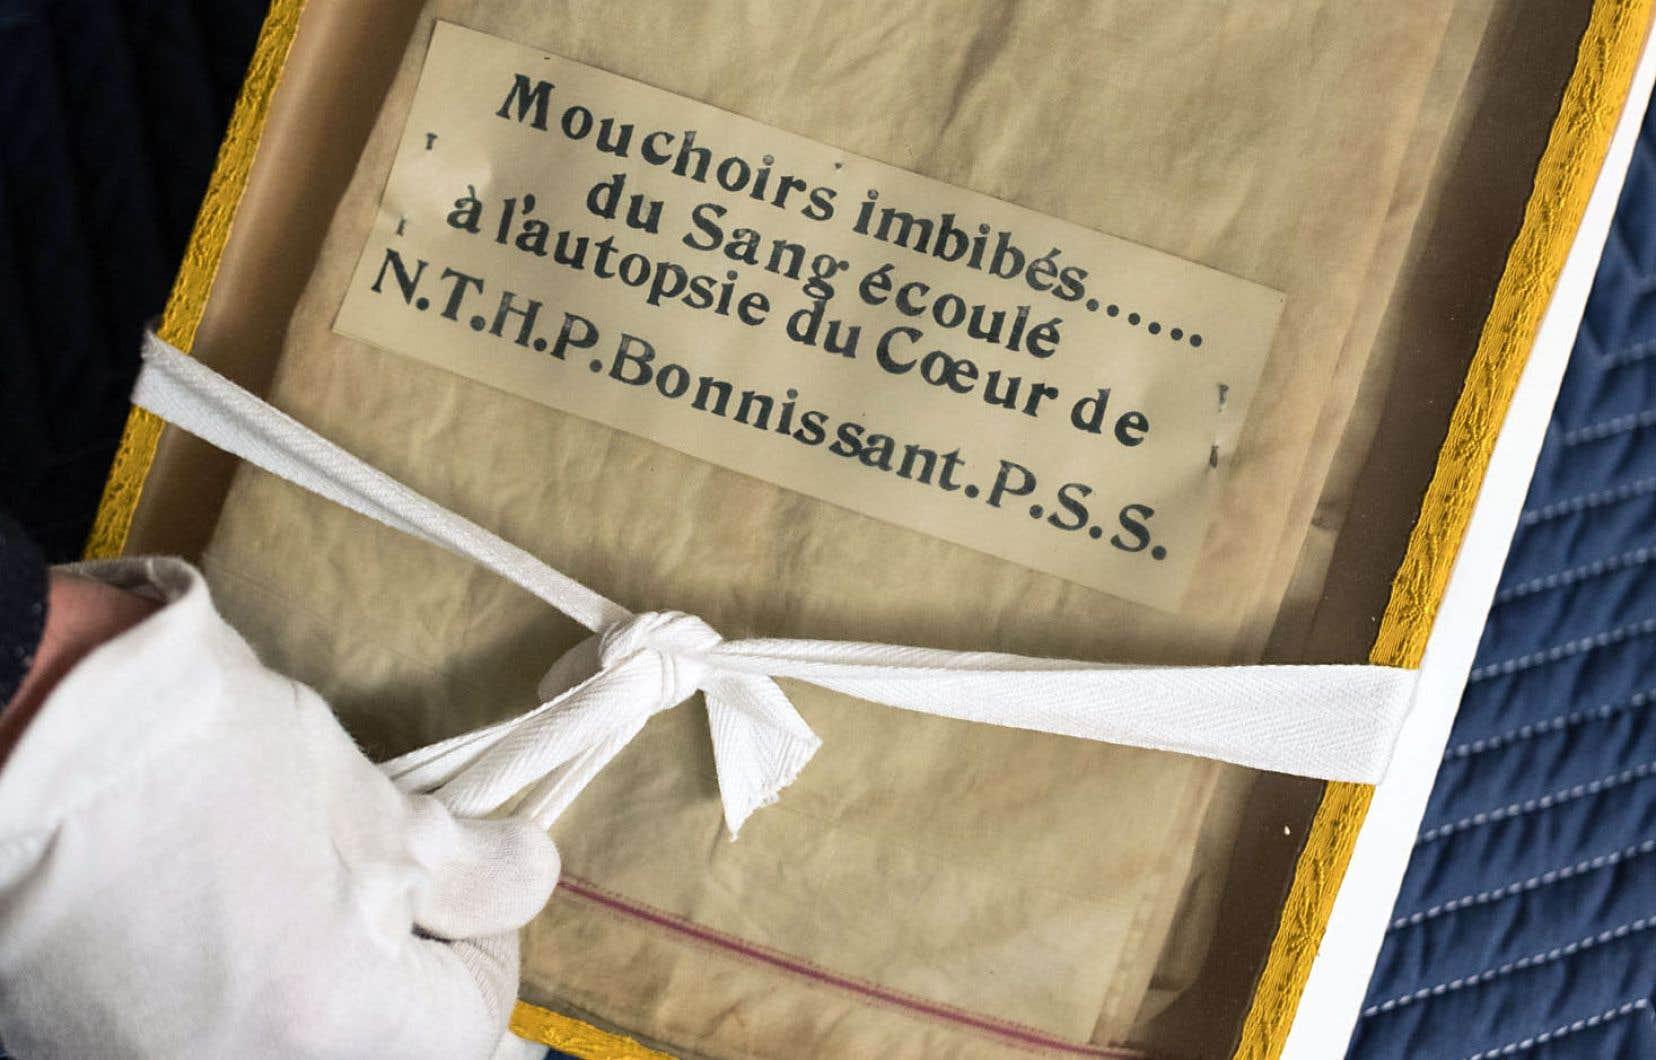 Un mouchoir lié à l'autopsie d'un prêtre sulpicien.